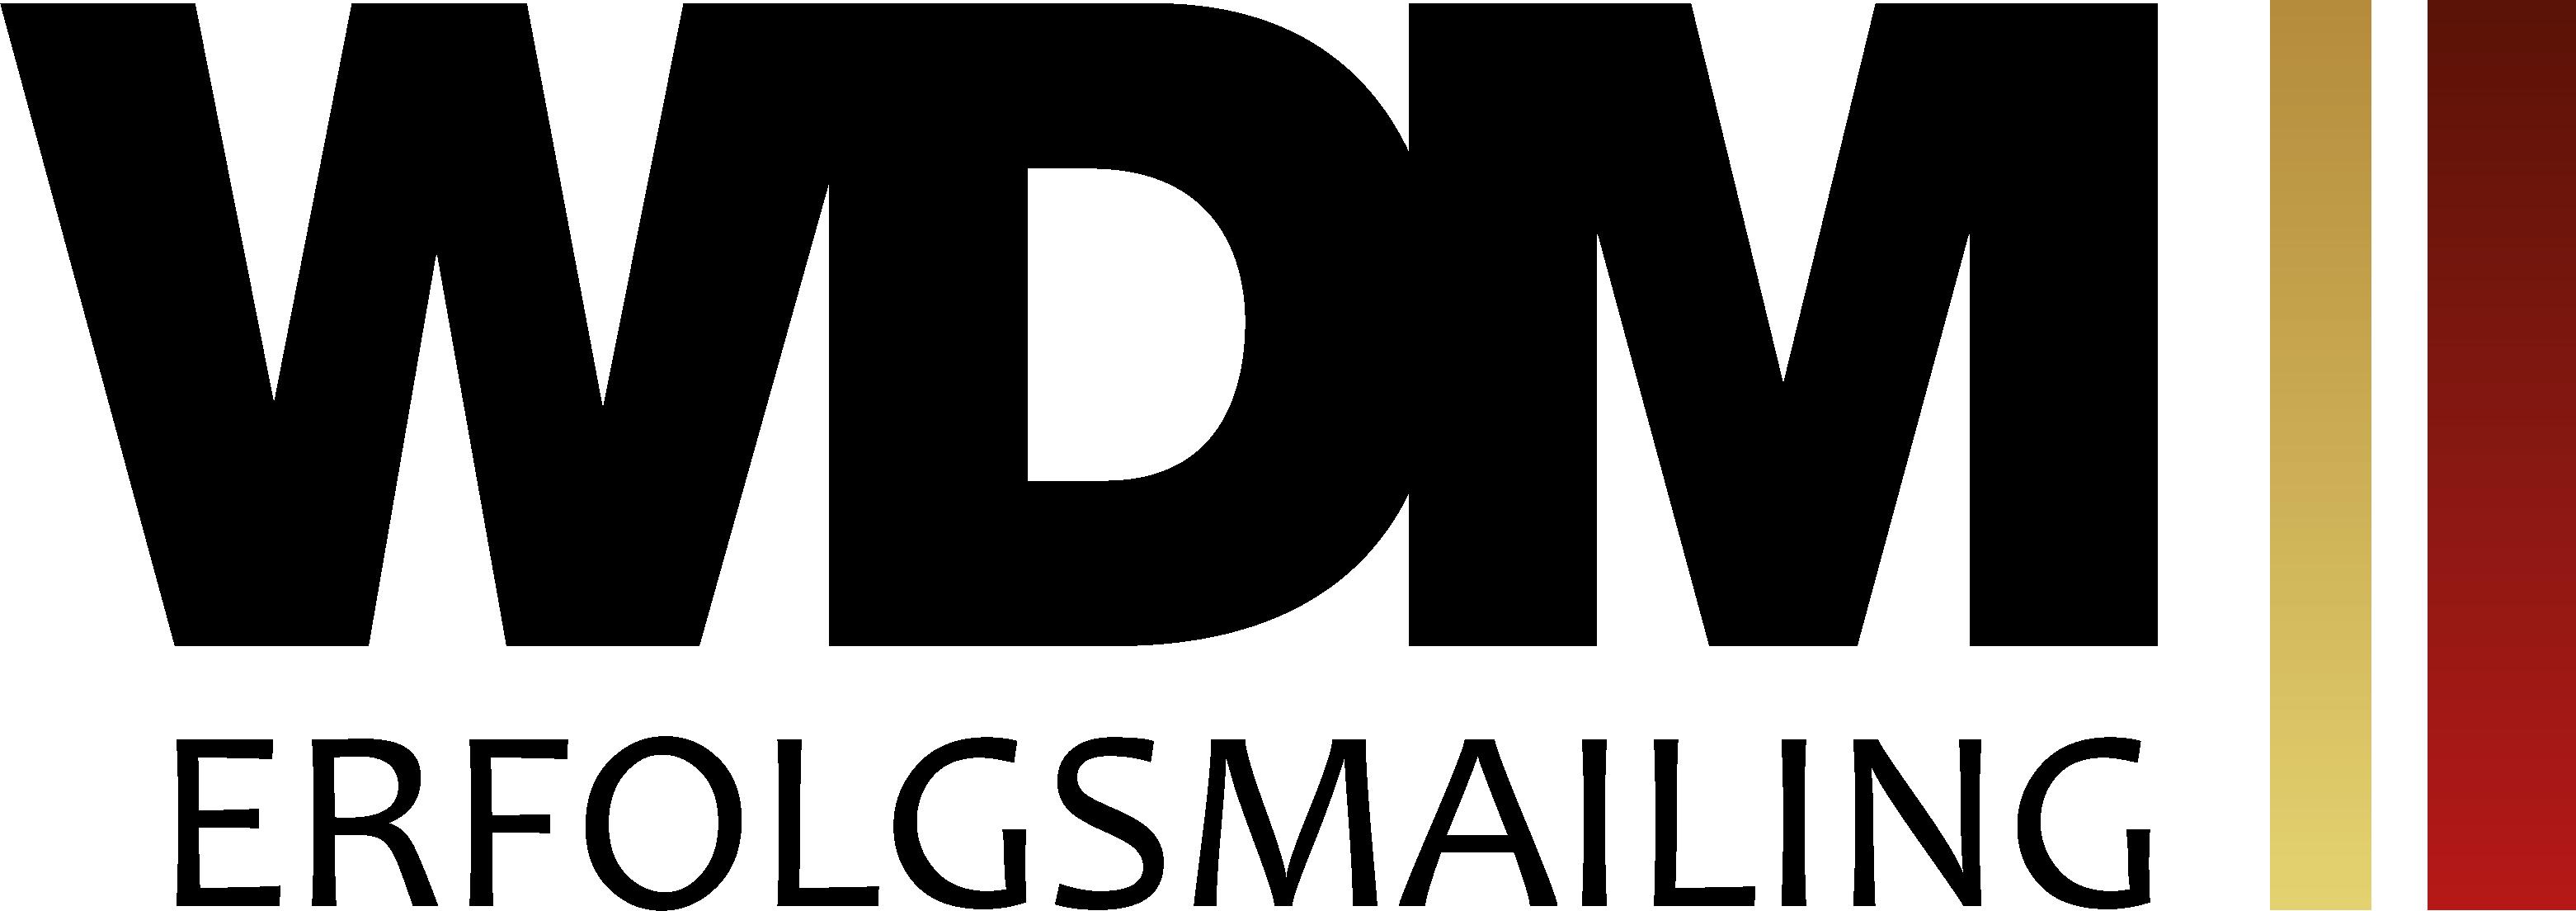 Wdm logo 2021 final